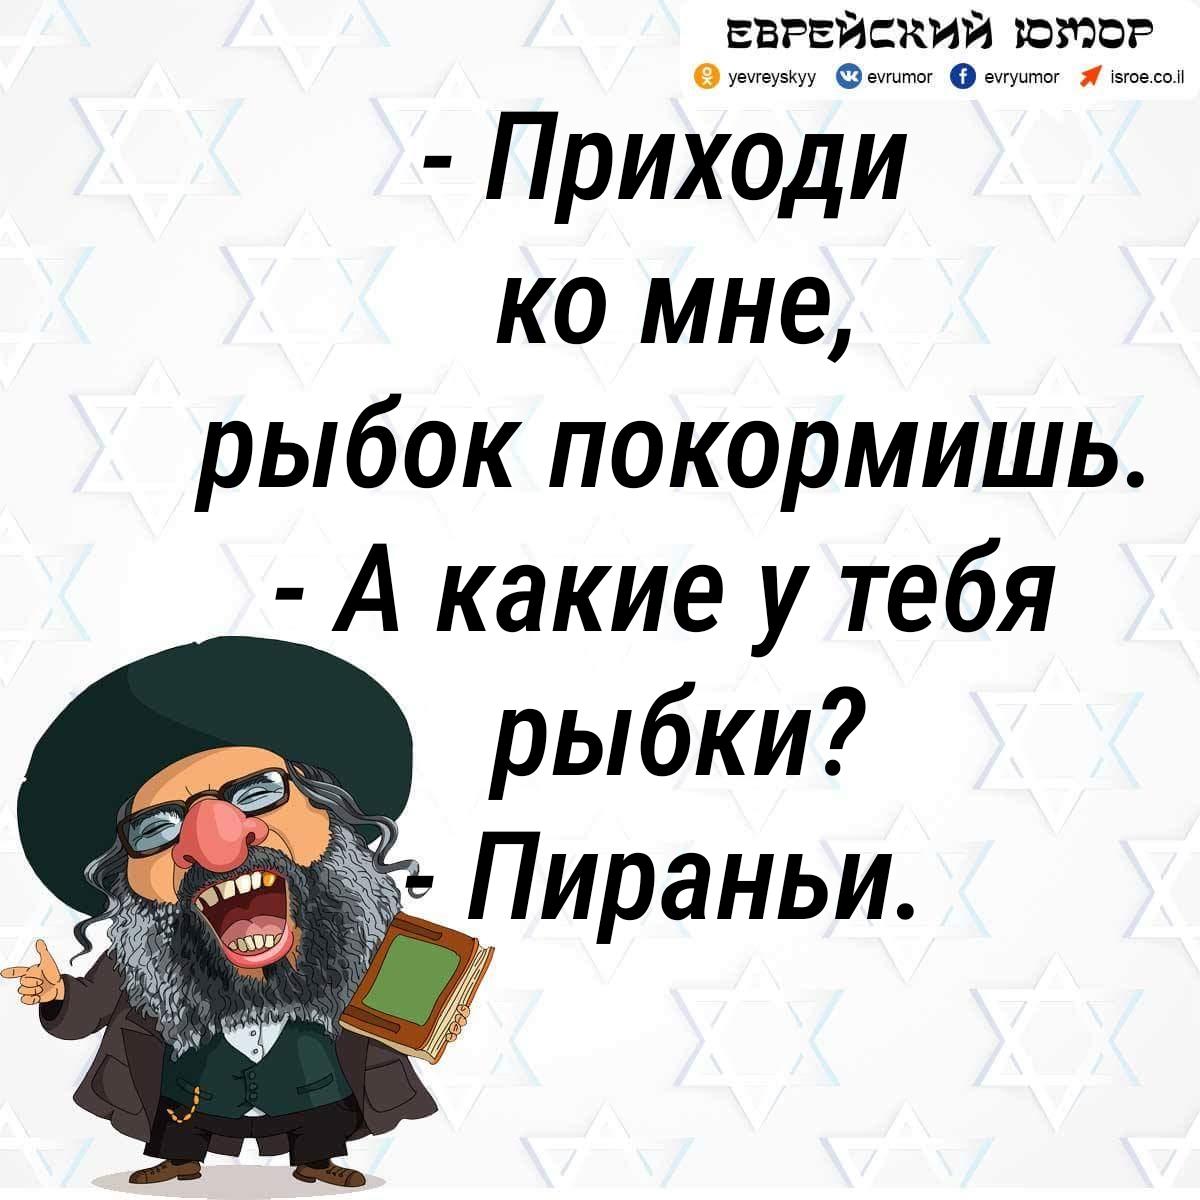 Еврейский юмор. Одесский анекдот. Рыбки